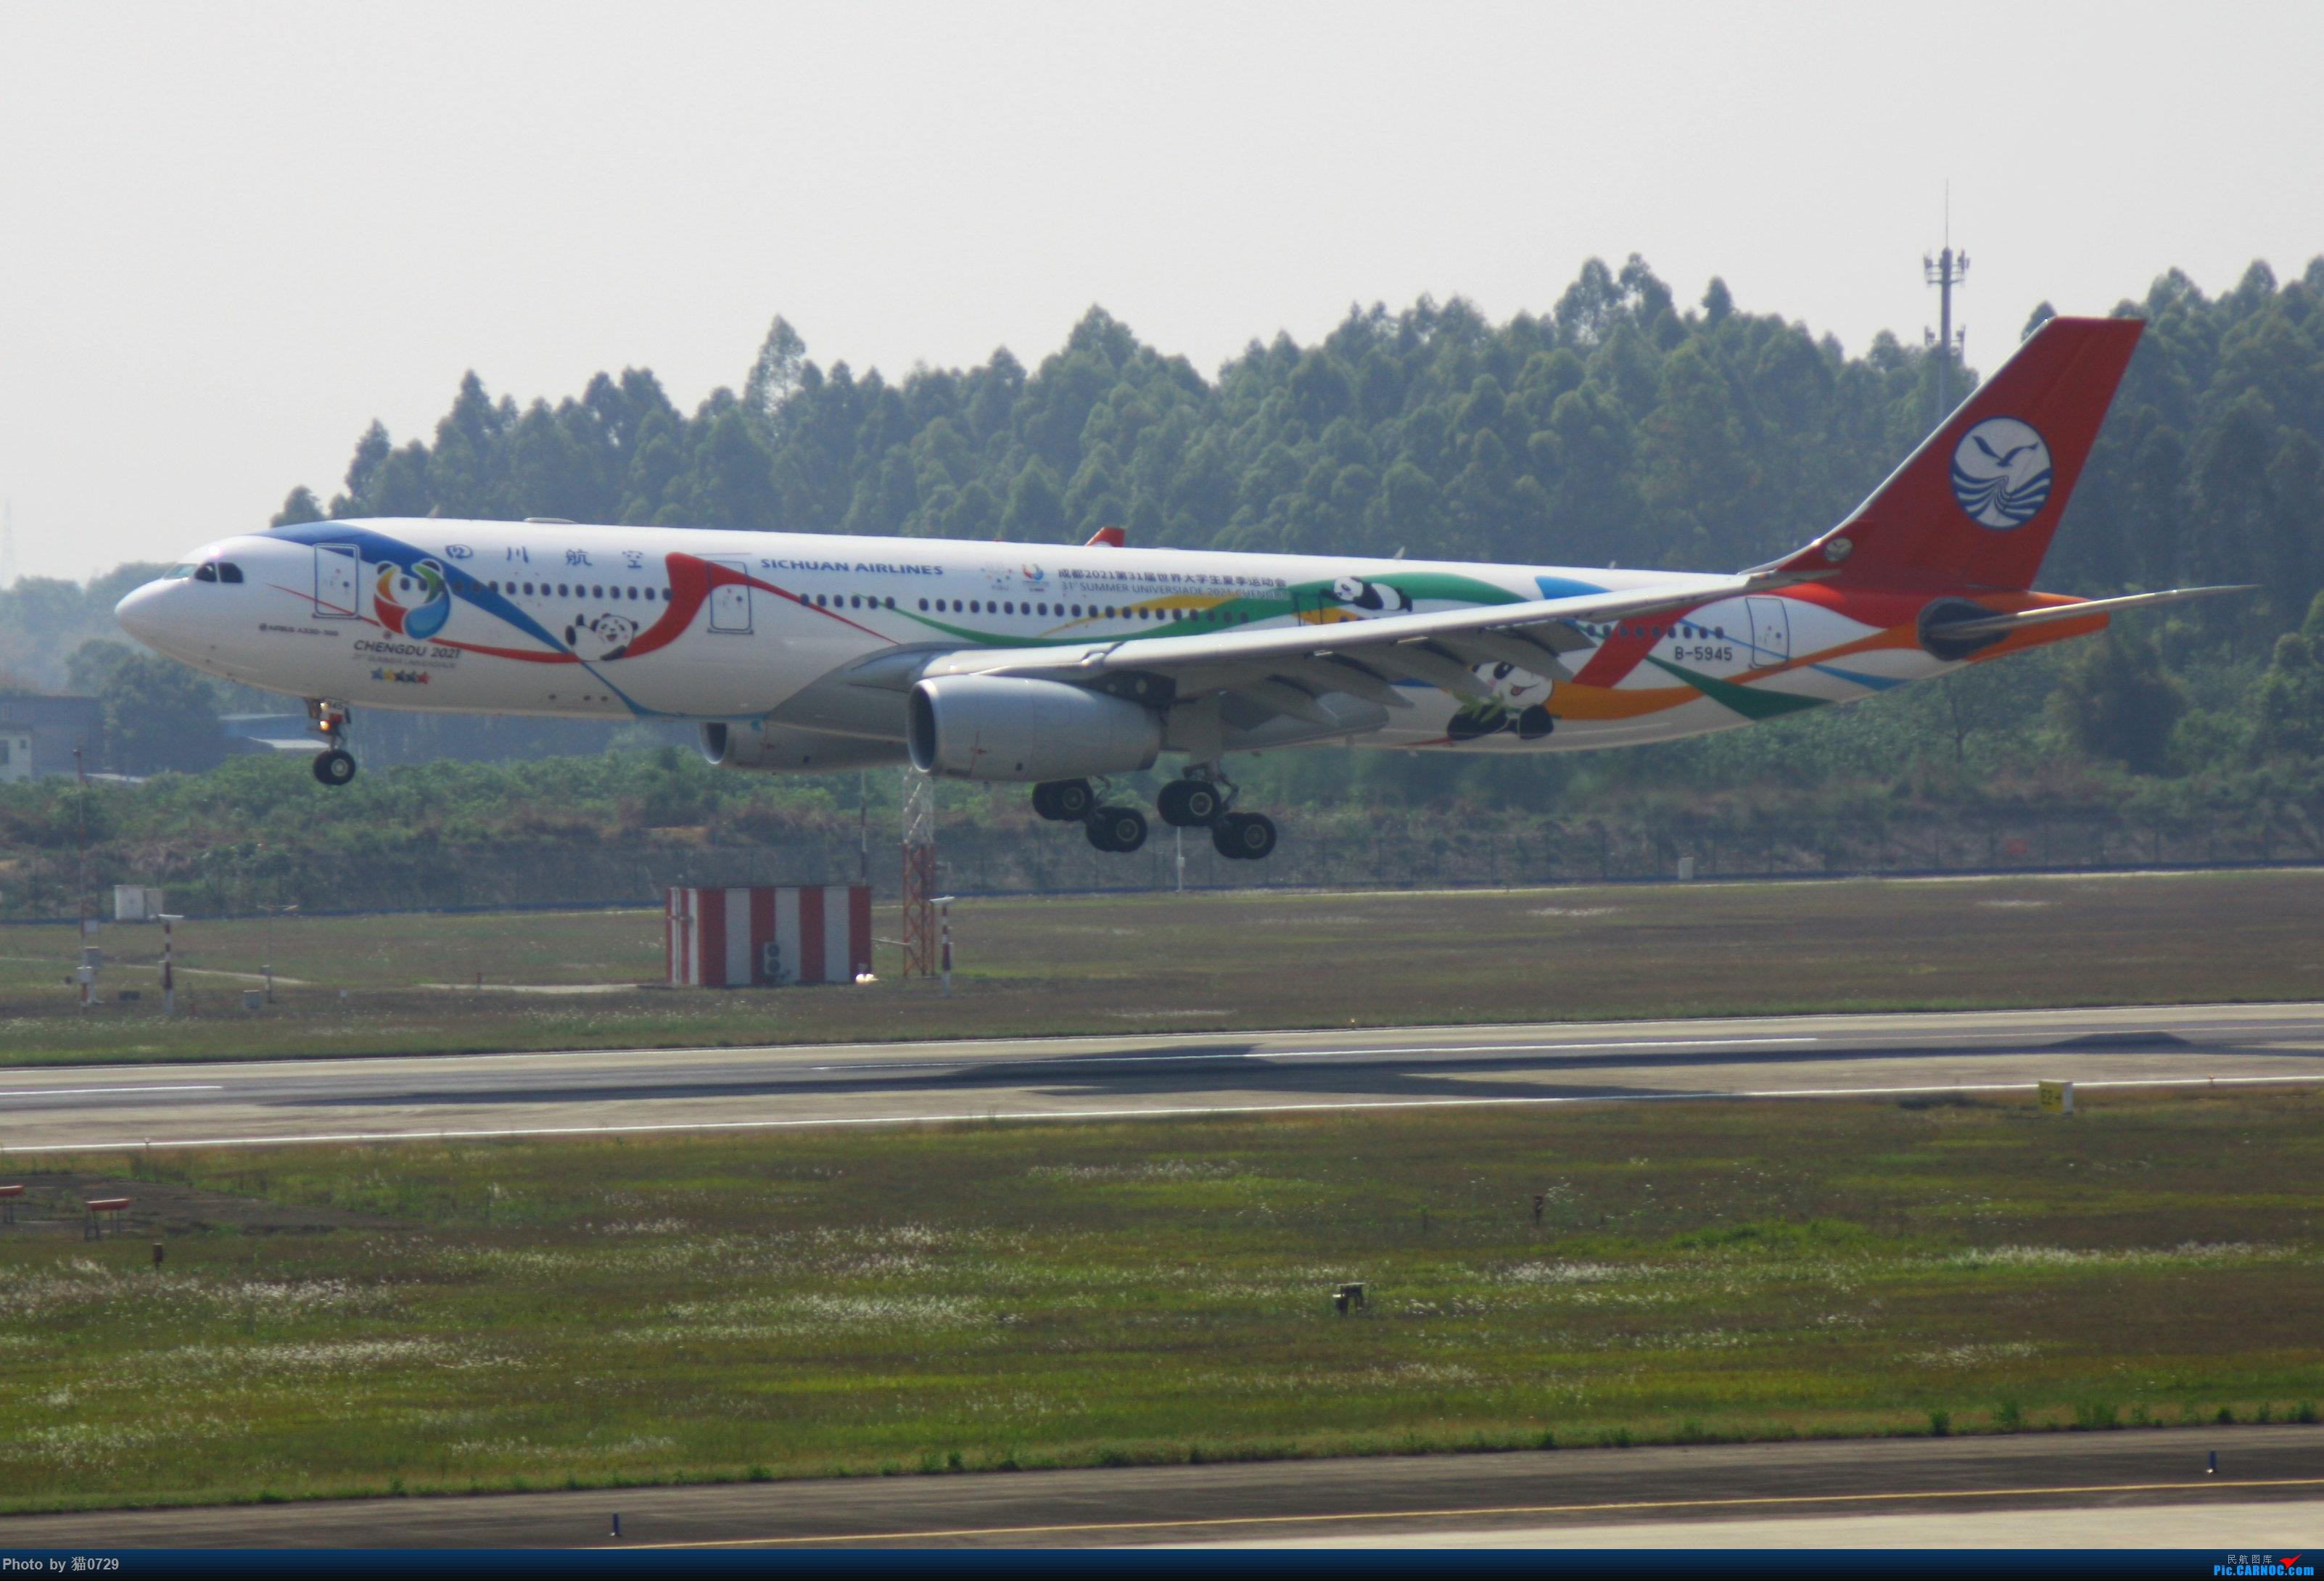 Re:[原创]跑道洞两右,气温三拐,六点五小时坚守双流 AIRBUS A330-300 B-5945 中国成都双流国际机场